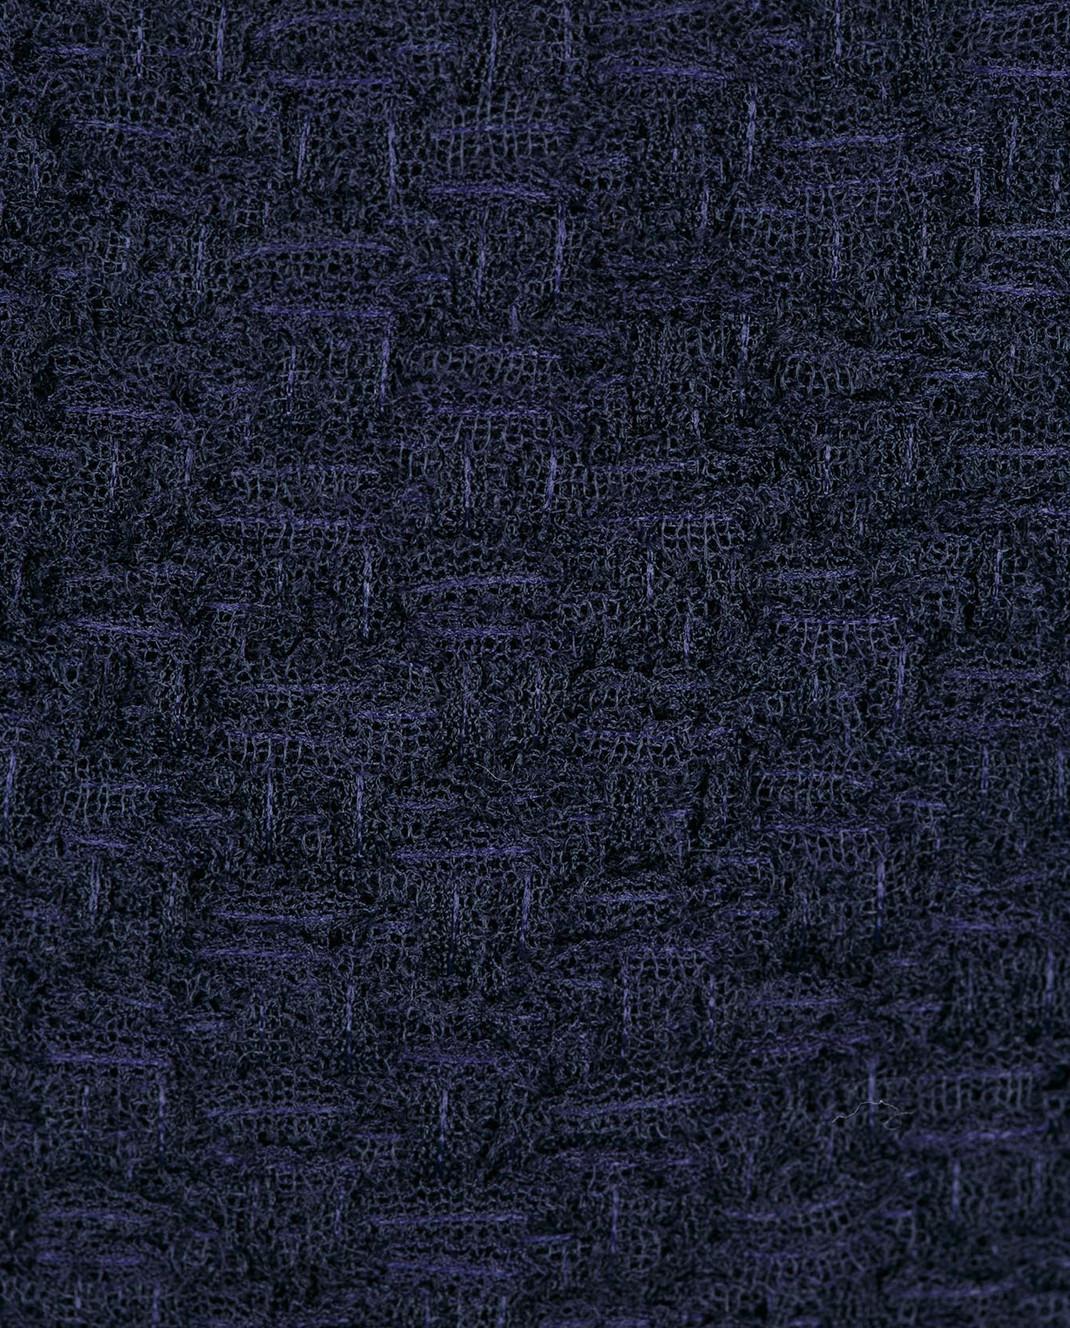 NINA RICCI Темно-синяя юбка 17PCJU023PA0341 изображение 5